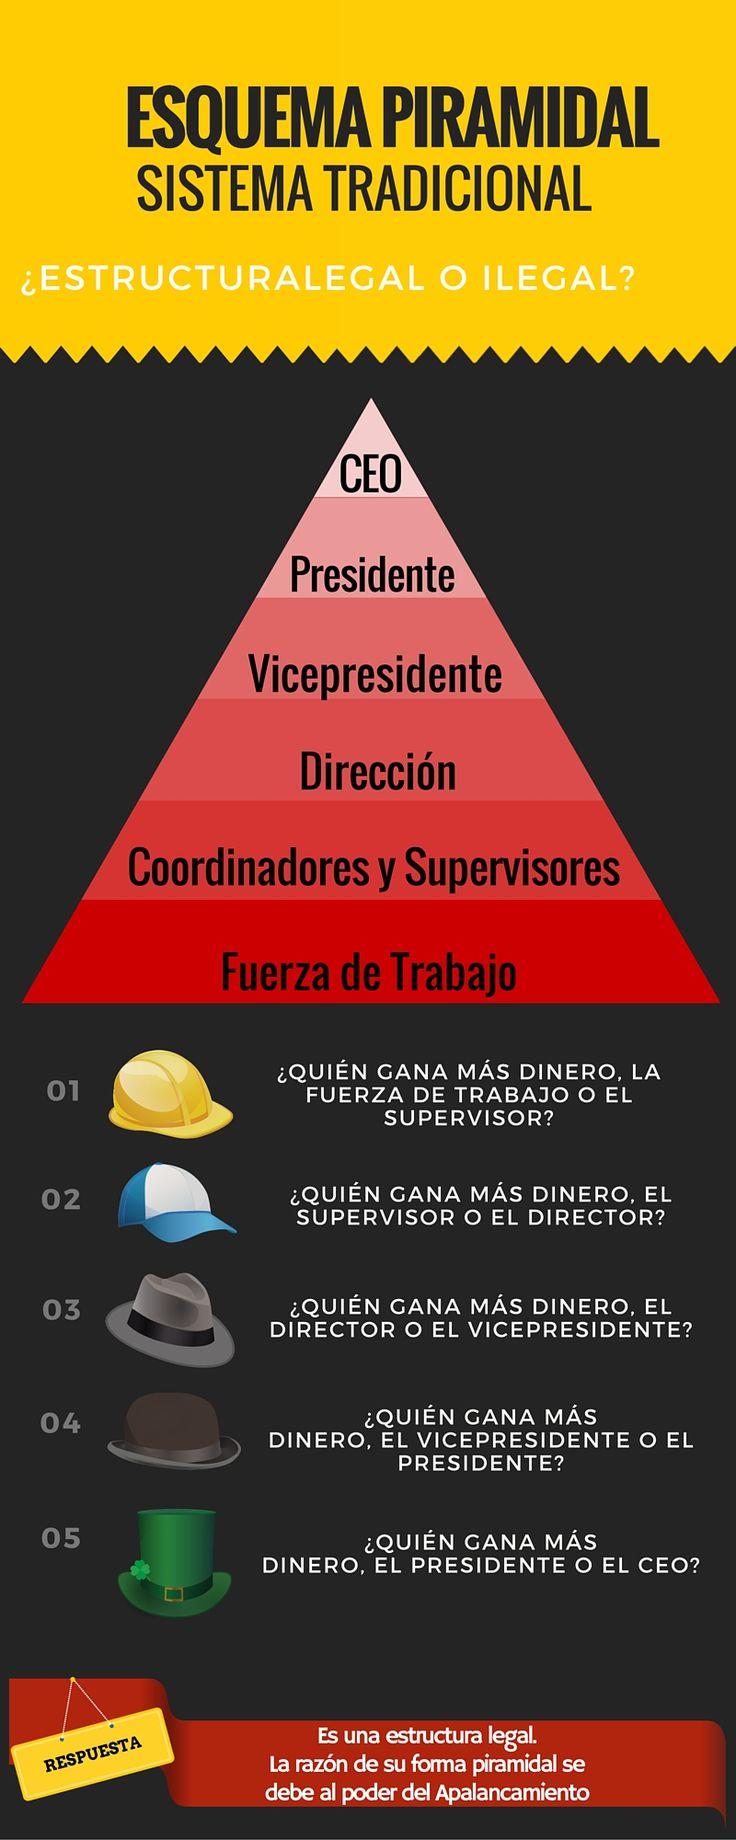 Descubre la verdad del Esquema piramidal